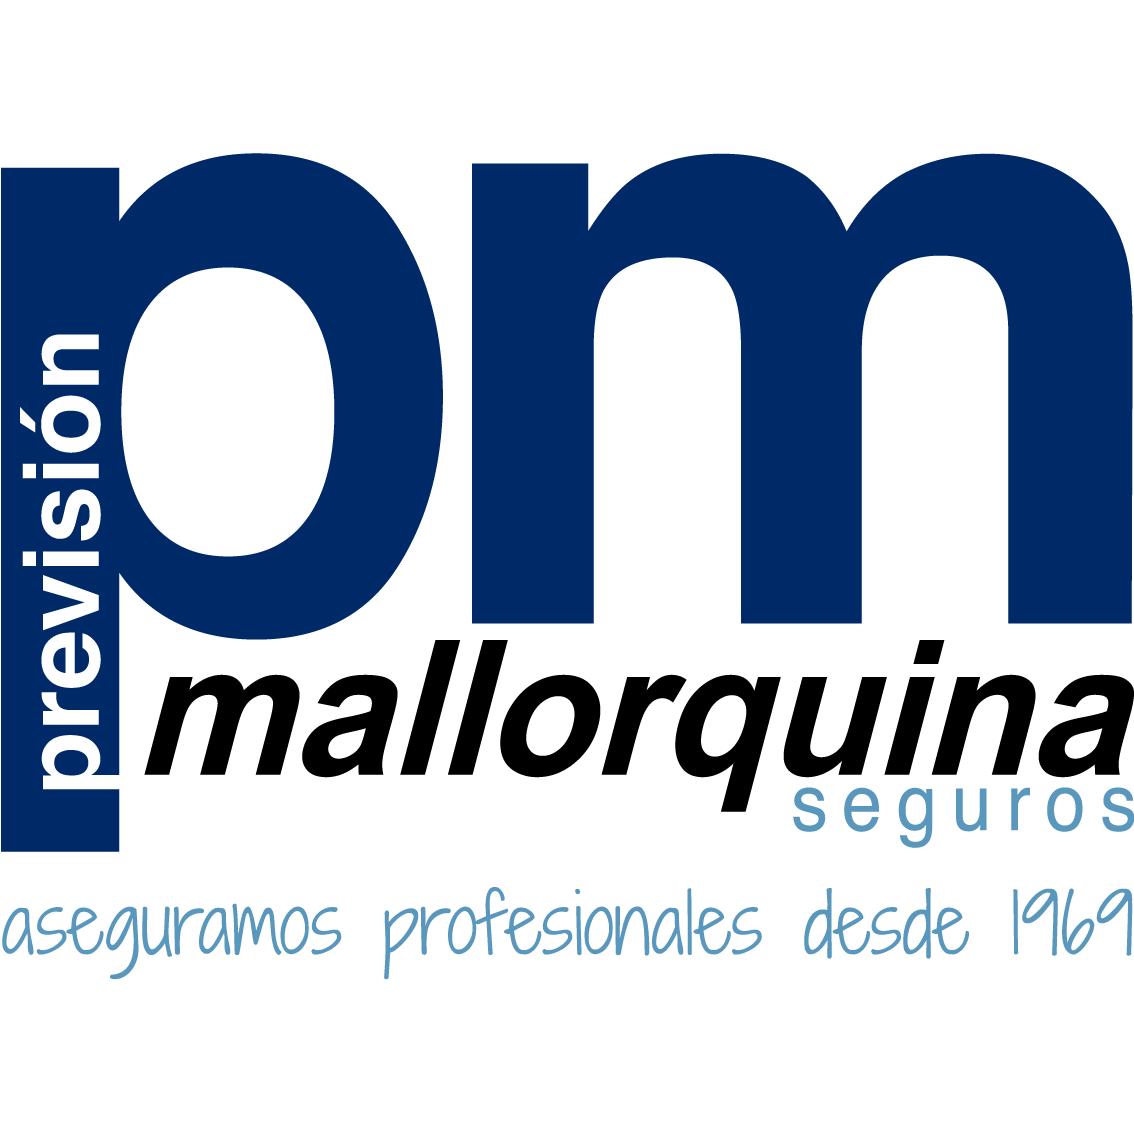 La Previsión Mallorquina de Seguros, S.A. Oficinas Centrales